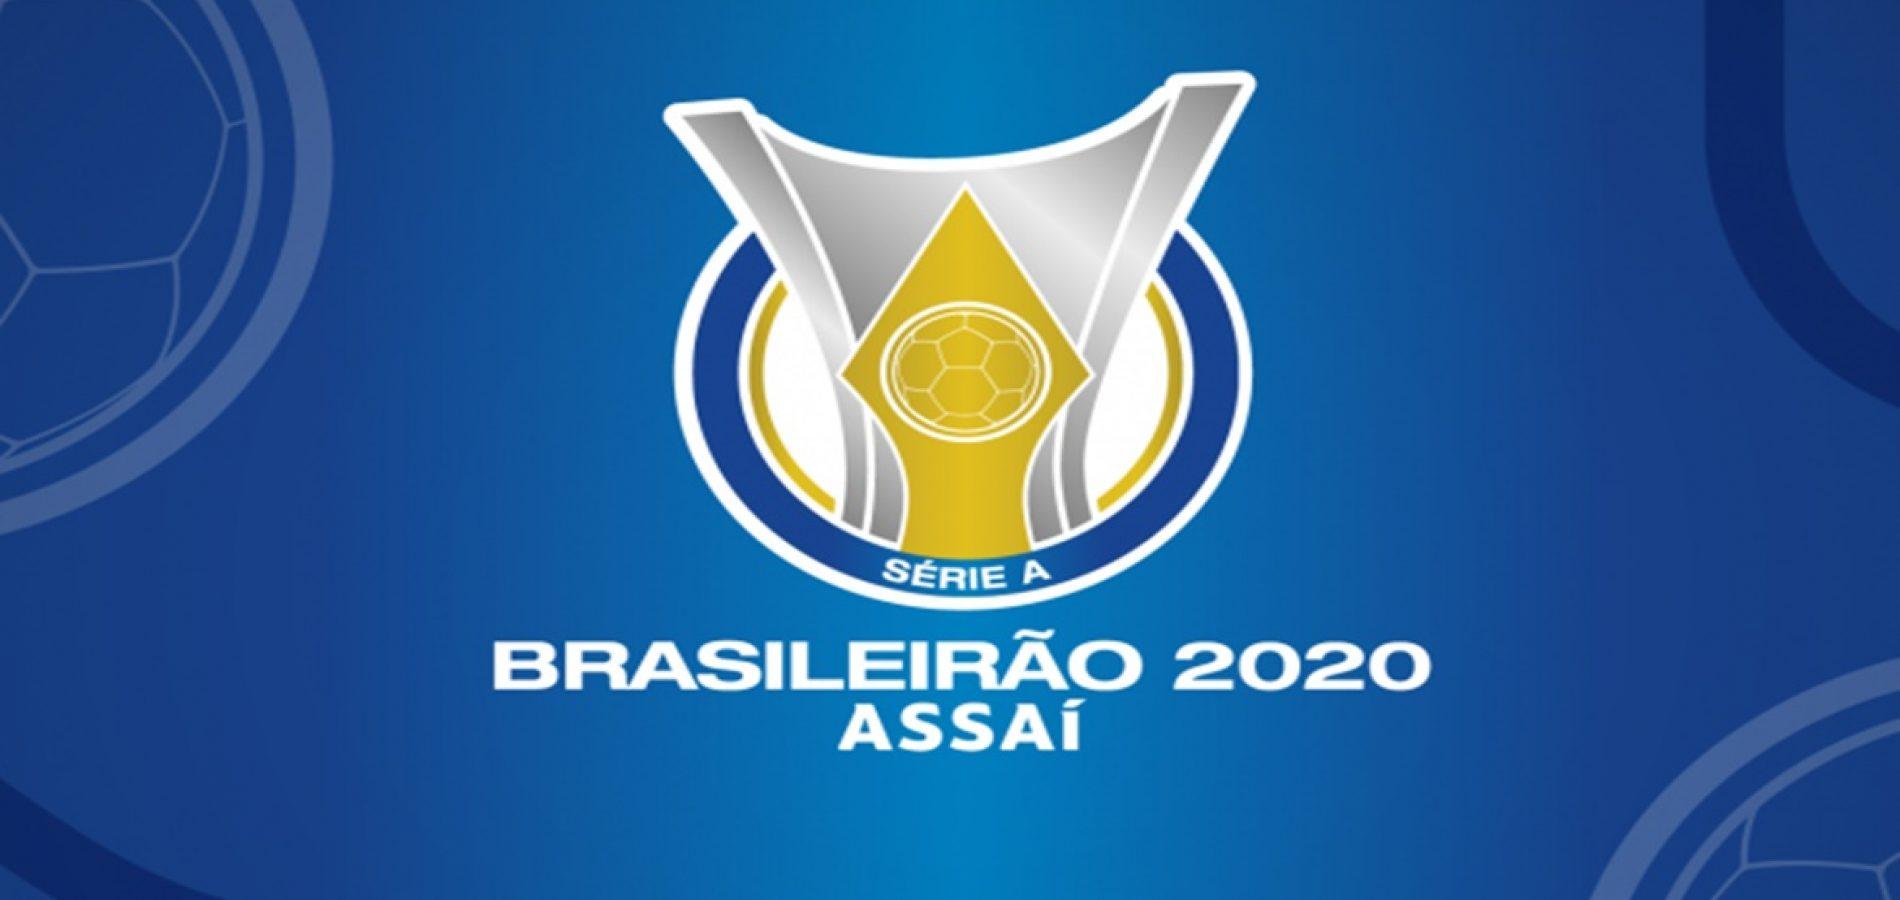 Rodada do Brasileiro começa com jogos em Salvador e Goiânia